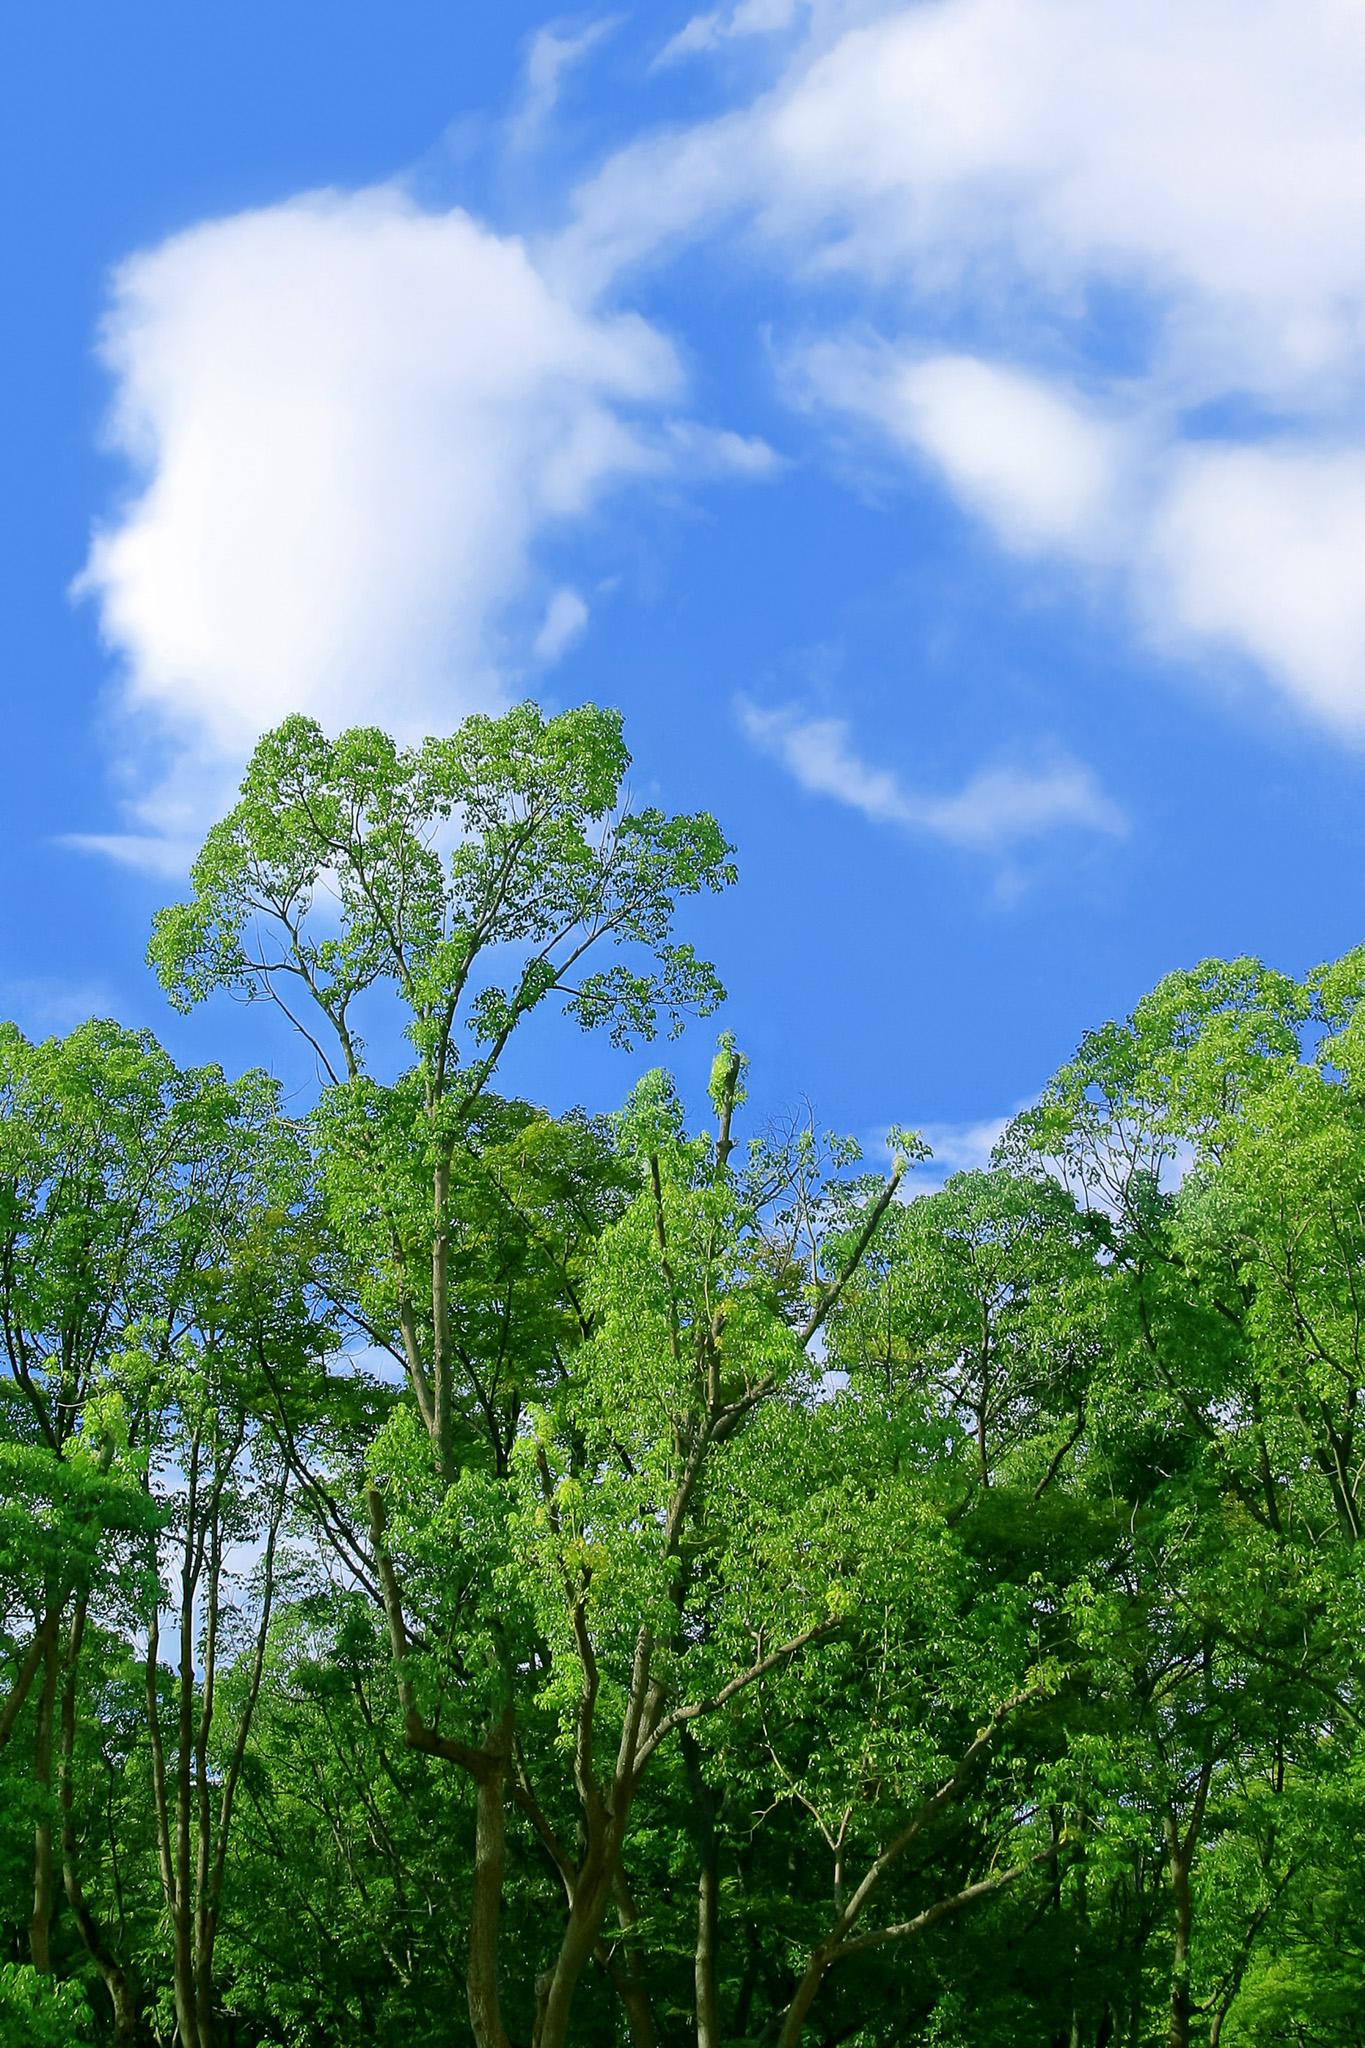 「森林」の素材を無料ダウンロード